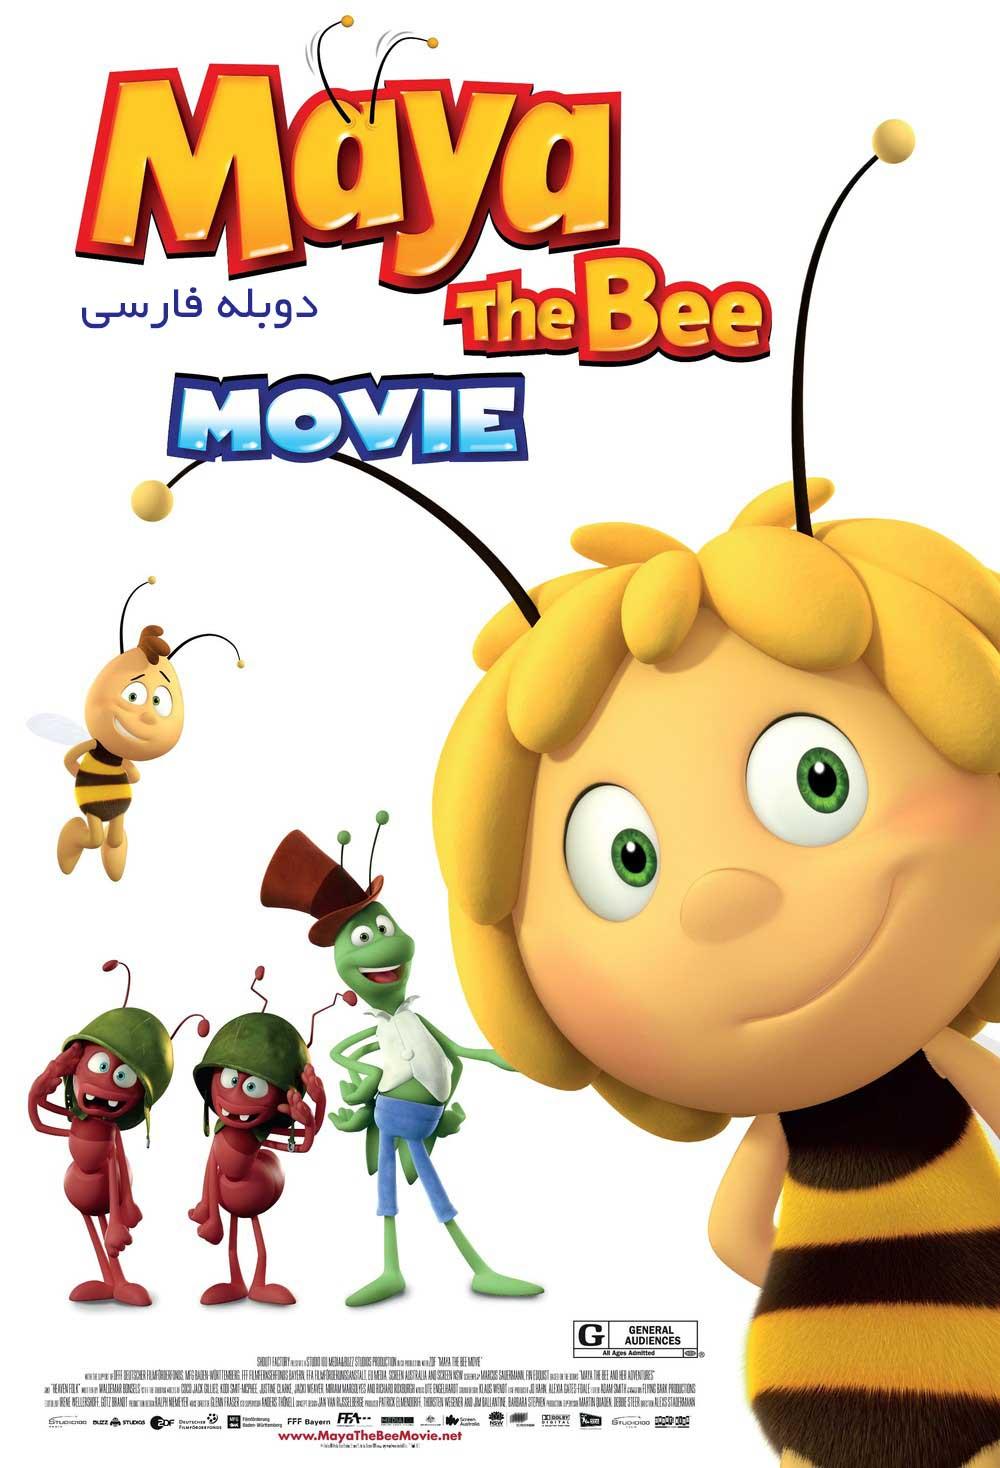 دانلود انیمیشن زیبای Maya the Bee مایا زنبور عسل - دانلود انیمیشن زیبای Maya the Bee دوبله فارسی